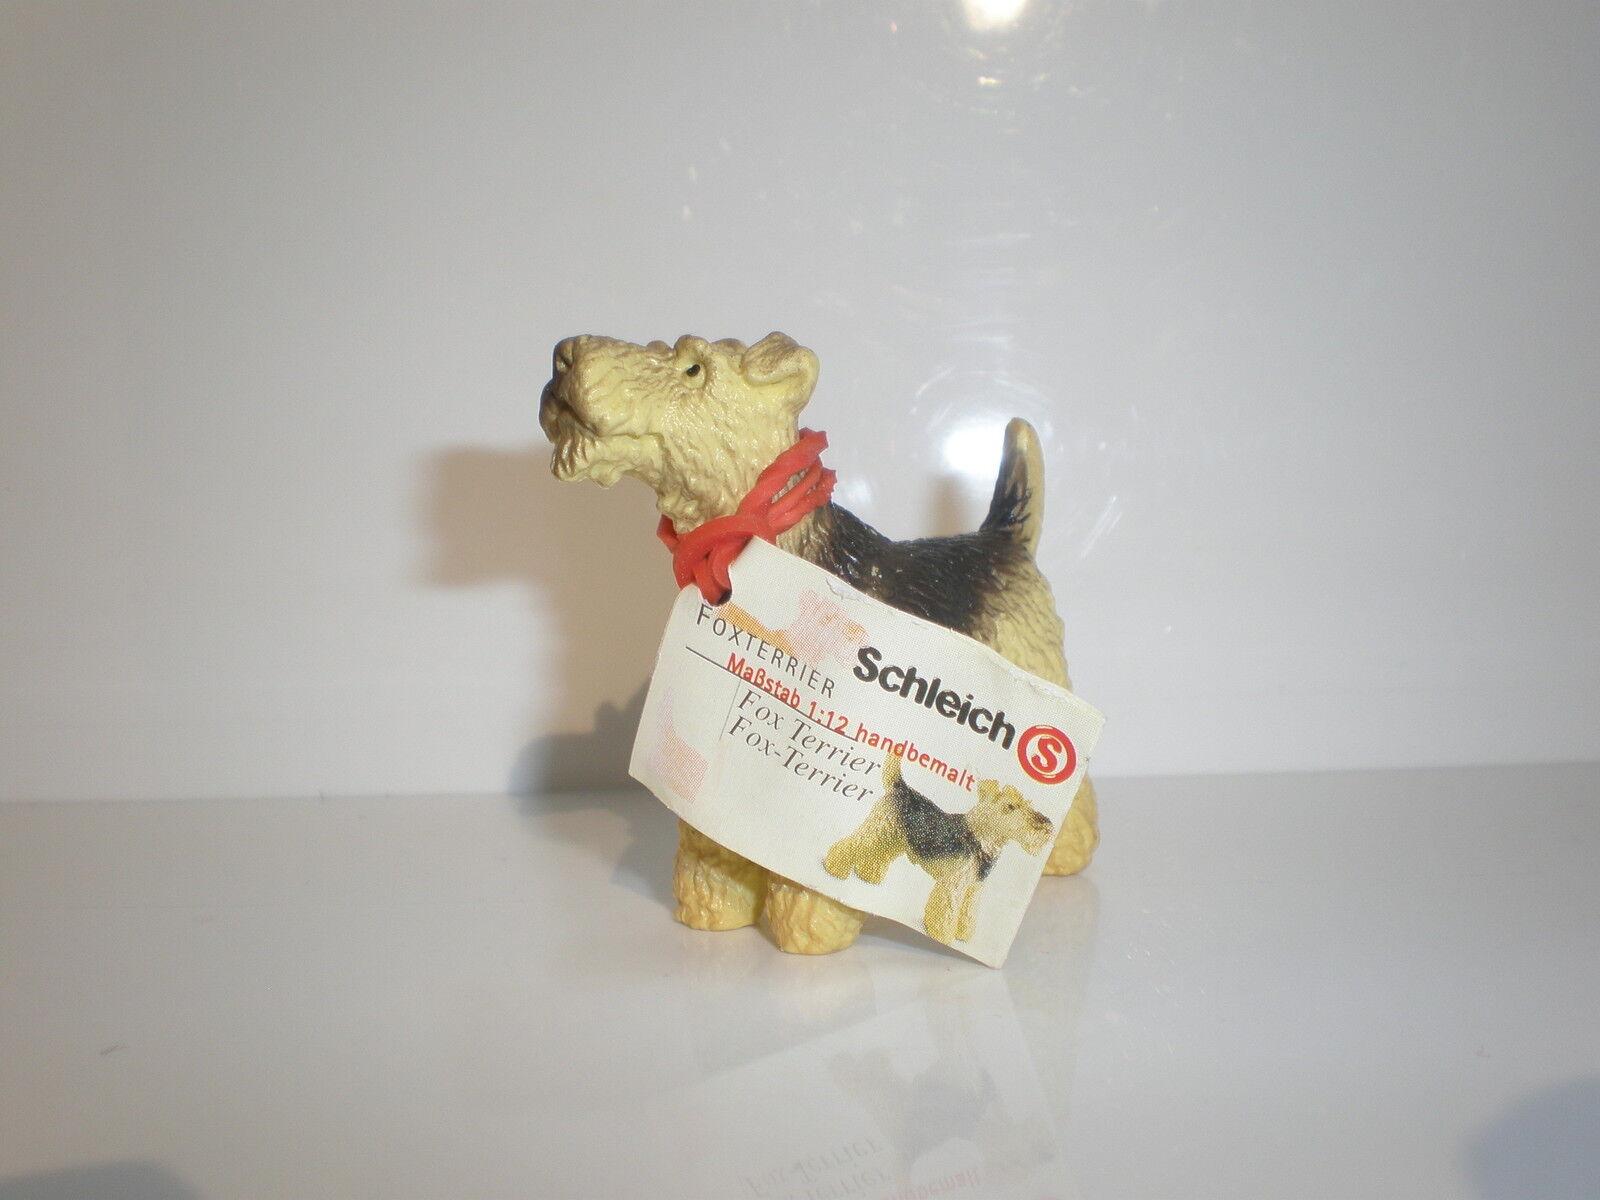 16310  Schleich Dog  Fox Terrier   with booklet  ref 9P3